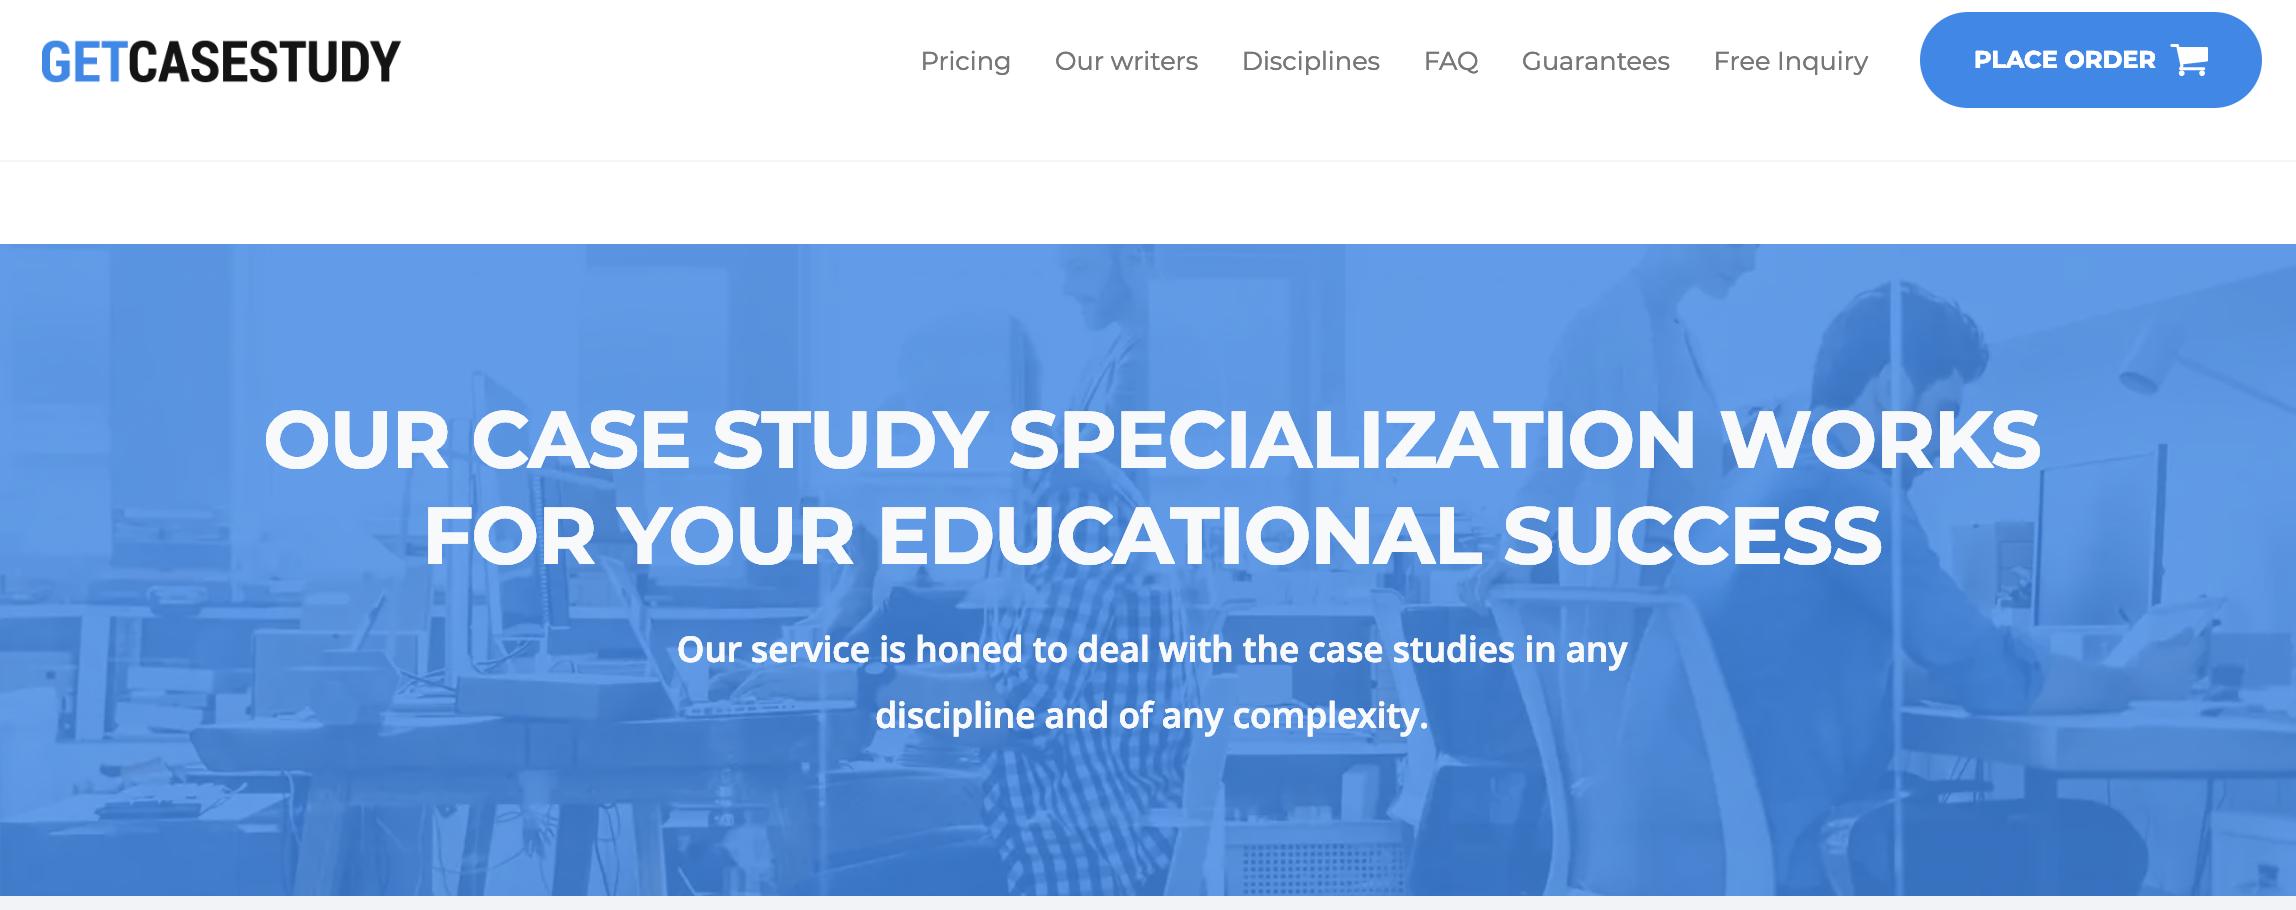 GetCaseStudy.com - Homepage